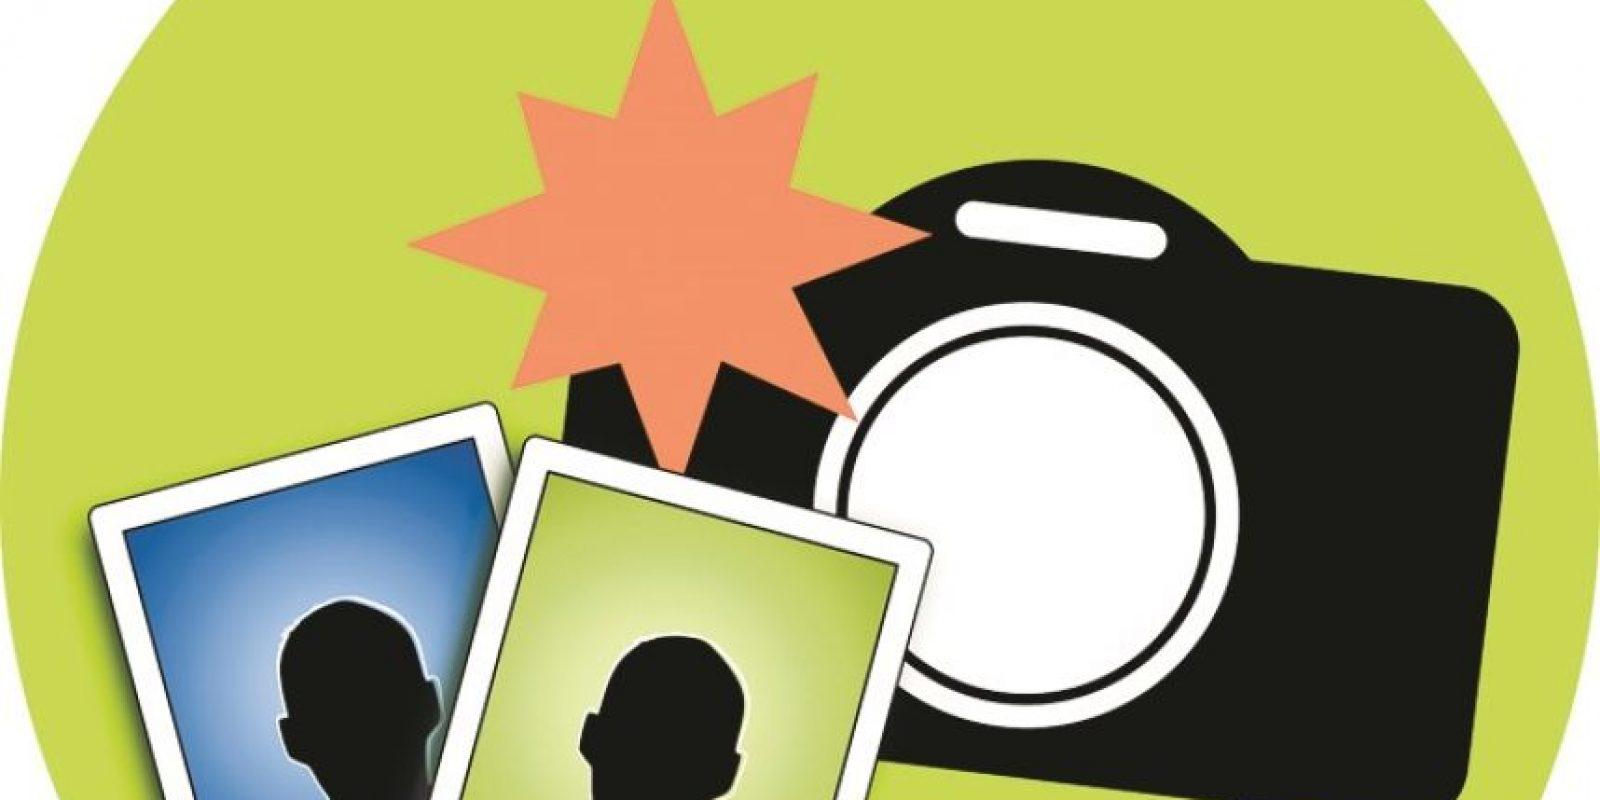 Colecciona momentos. Crea carpetas (digitales y físicas) donde atesores fotos, videos, recuerdos de salidas, envolturas especiales, cartas y todo lo que tenga un valor especial para ustedes. Ponle fecha de entrega (10 o 15 años) y te aseguro será un regalo único y especial, que les harán a revivir hermosos recuerdos. Foto:Fuente externa